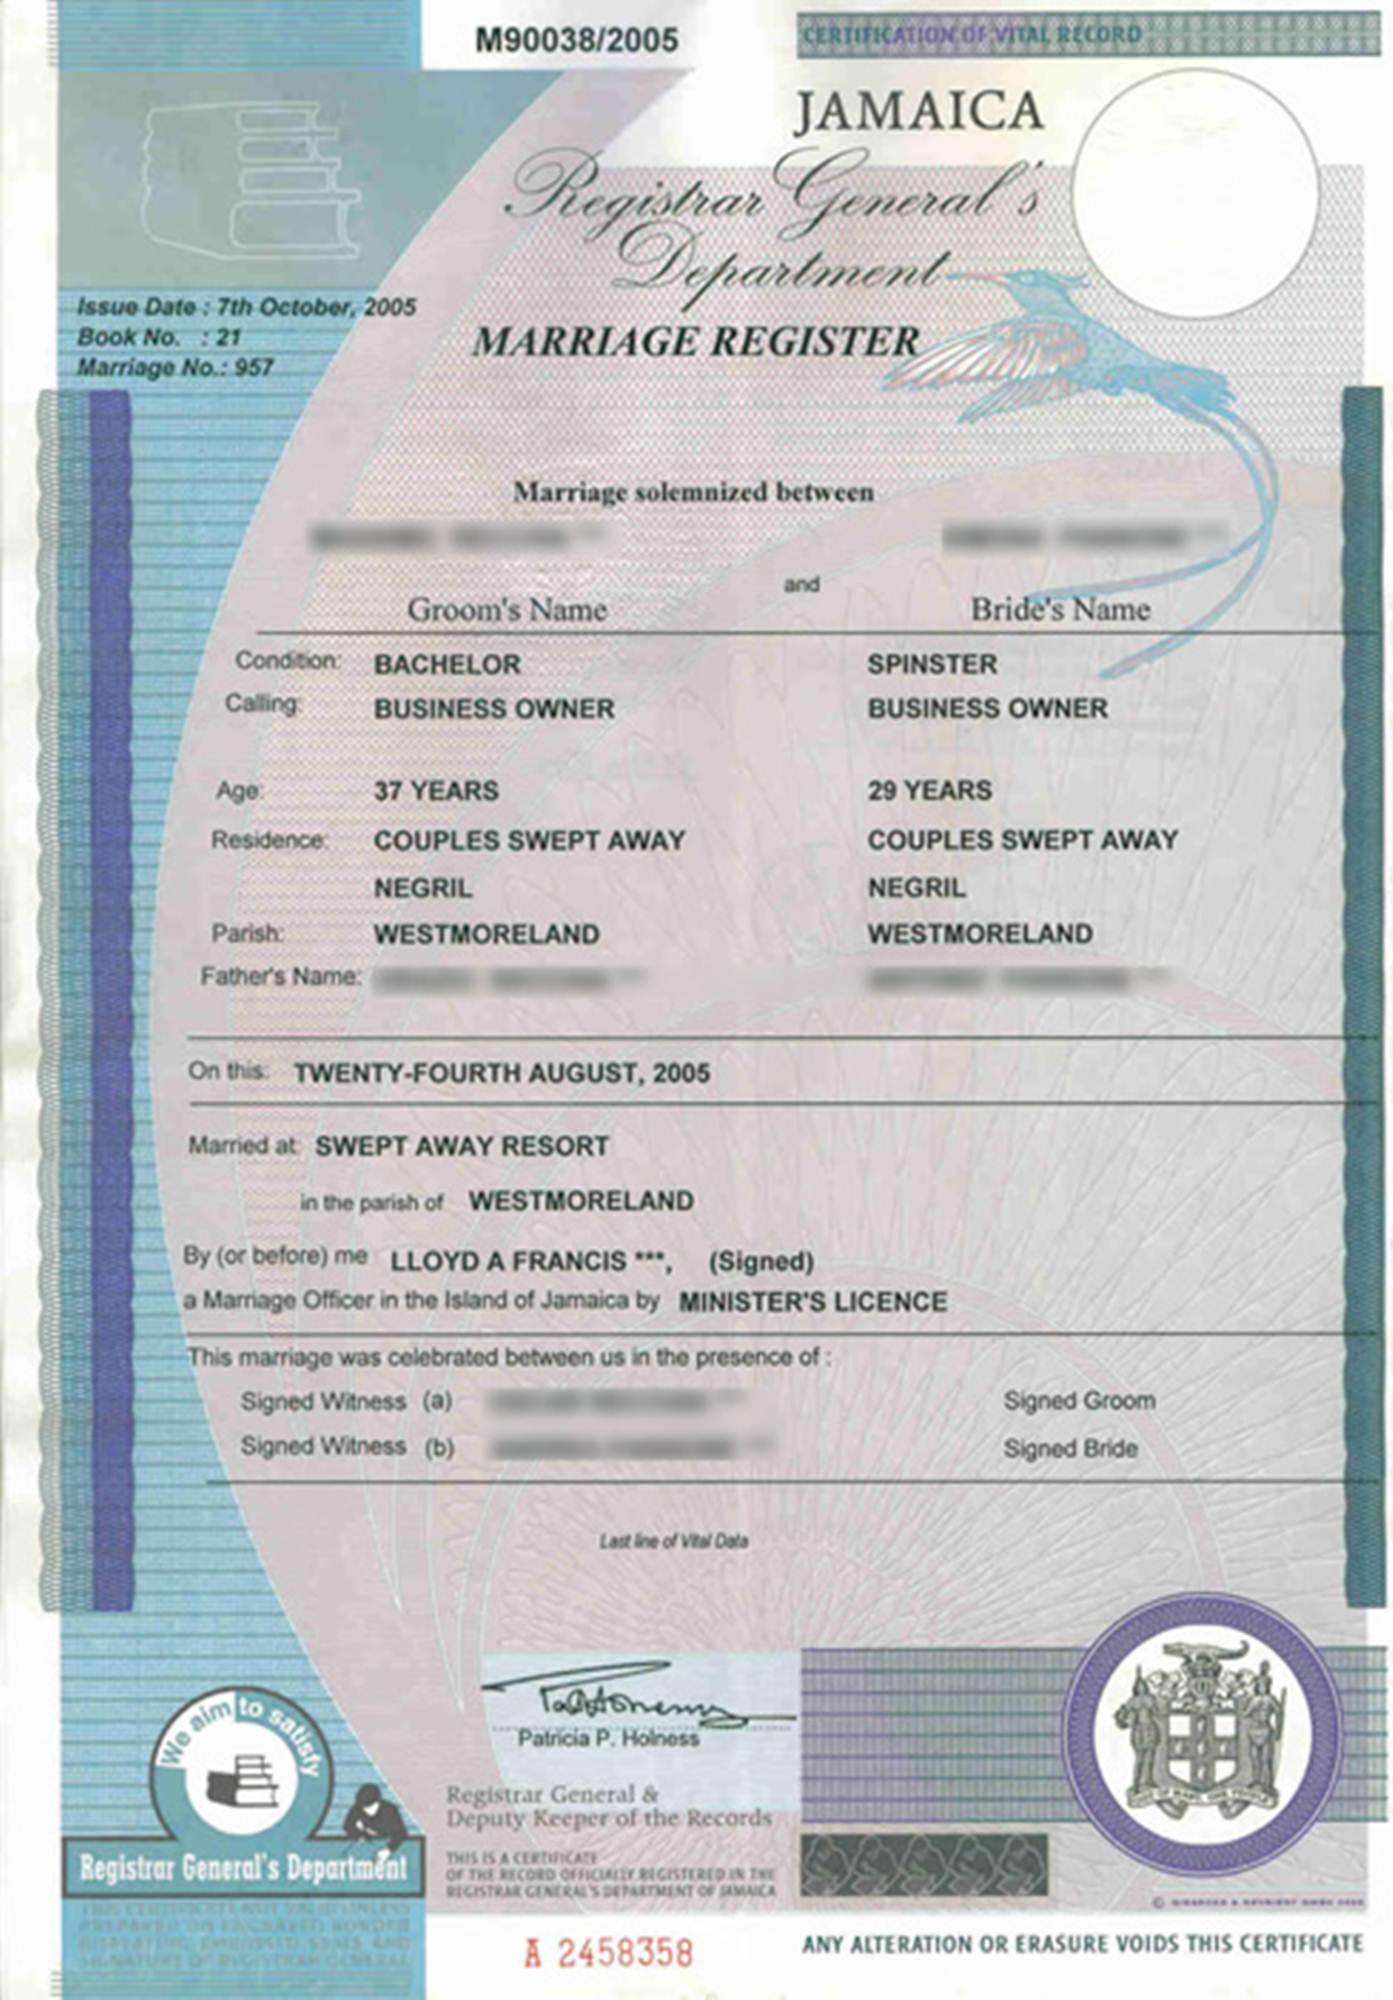 Certificato Matrimonio Simbolico : Certificati di matrimonio